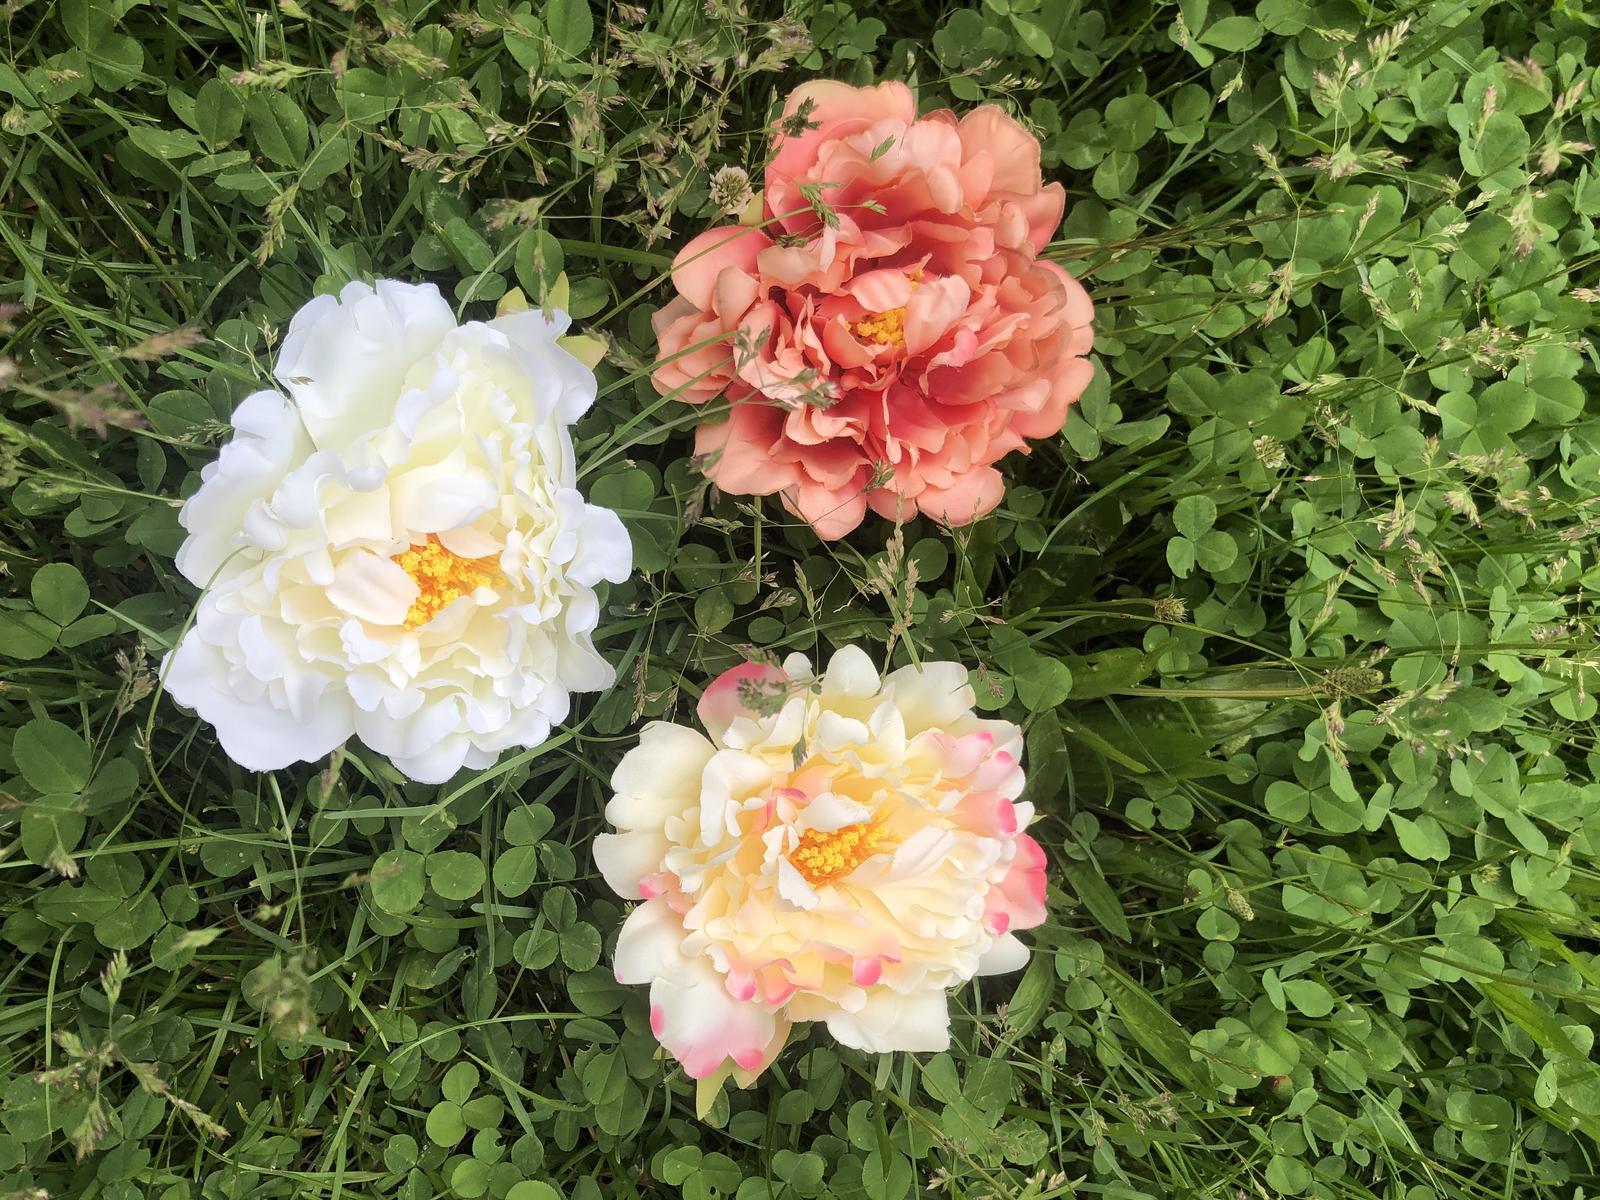 Umělé květy pivoněk nebo růží - Obrázok č. 1